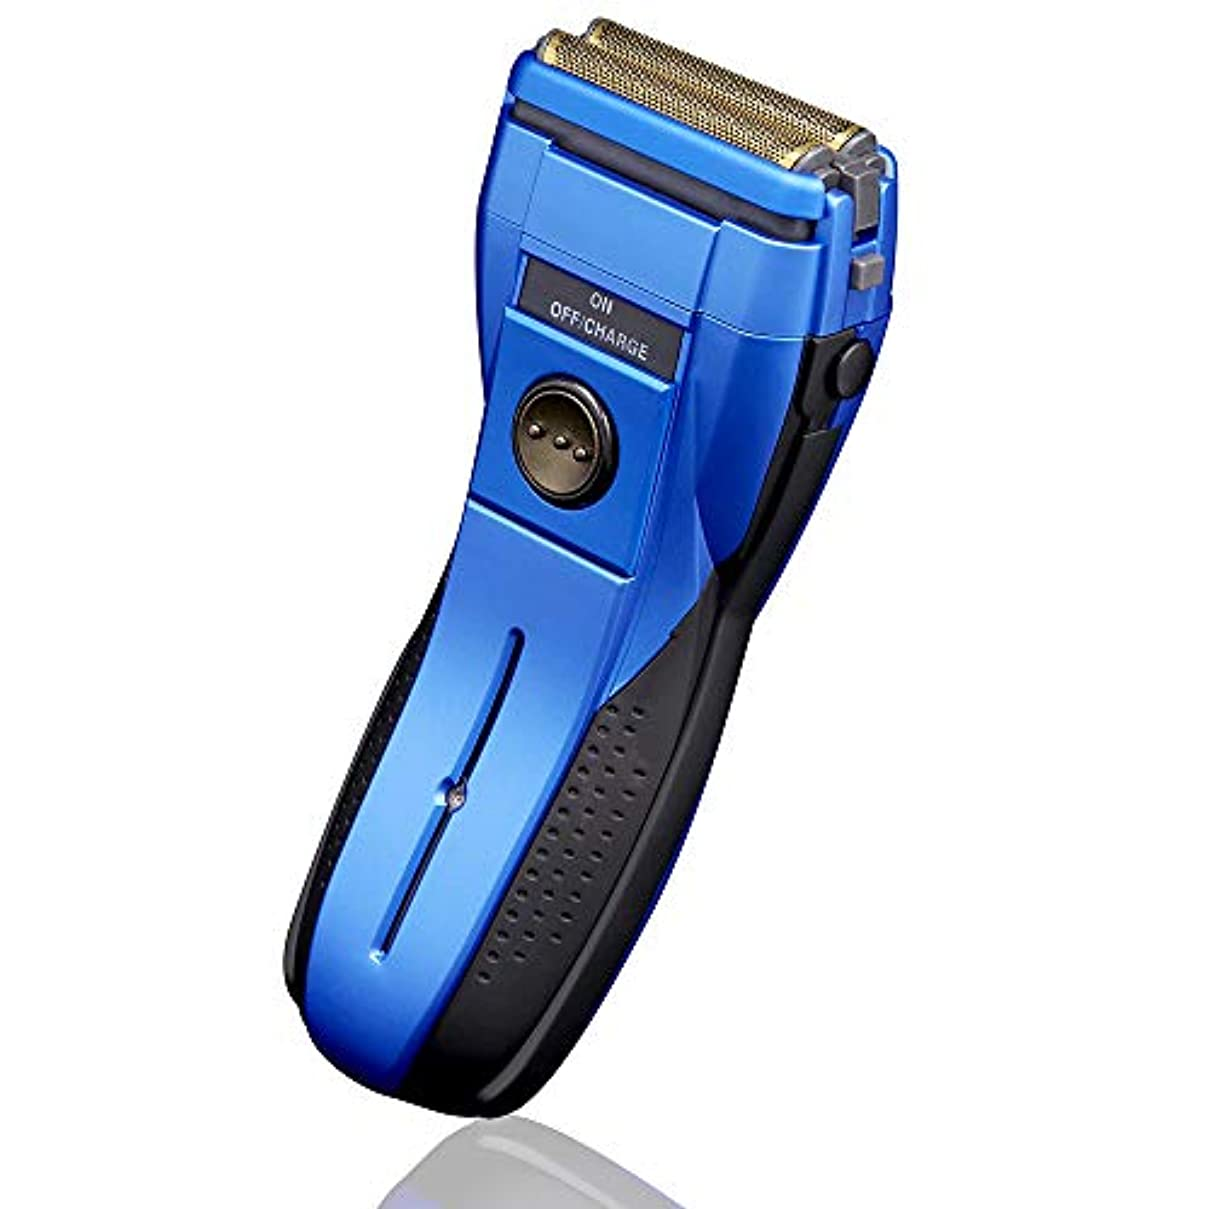 電気シェーバー 2枚刃 髭剃り メンズシェーバー 替え刃付属付き 水洗い対応 ウォッシャブル 充電式 独立フローティング2枚刃 (Blue)